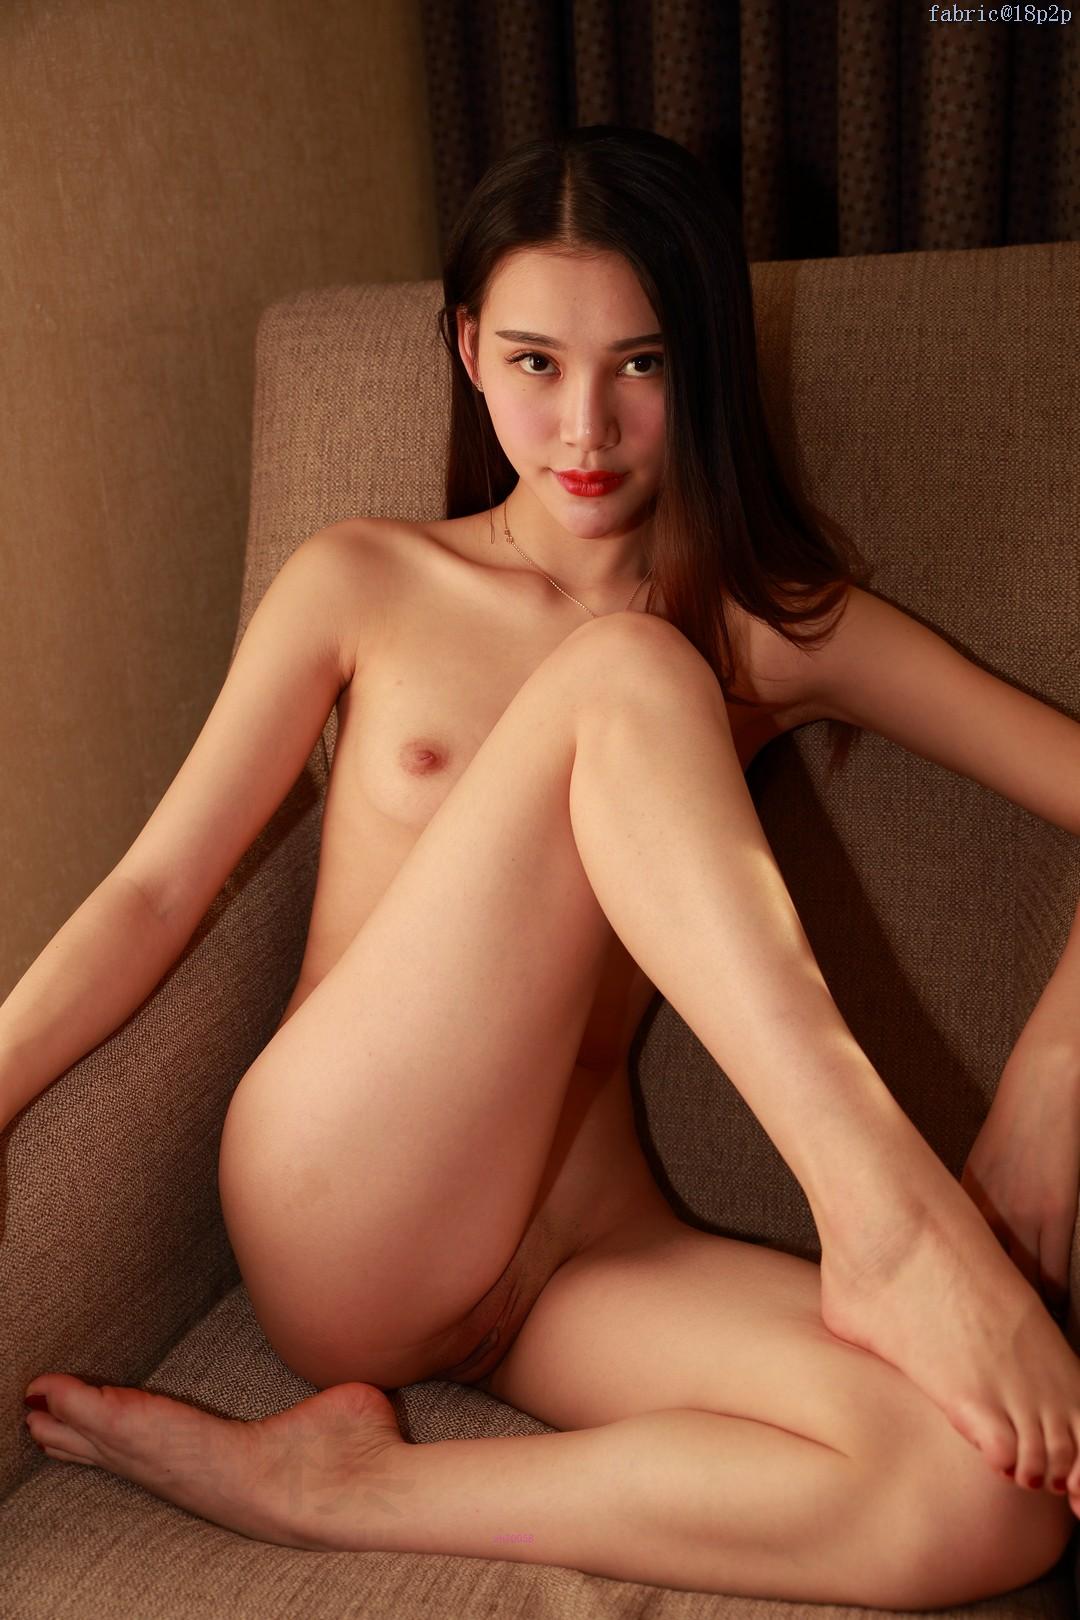 【九兒】小胸美眉掰開肥鮑露出淫水直流的粉嫩肉穴私拍套圖003